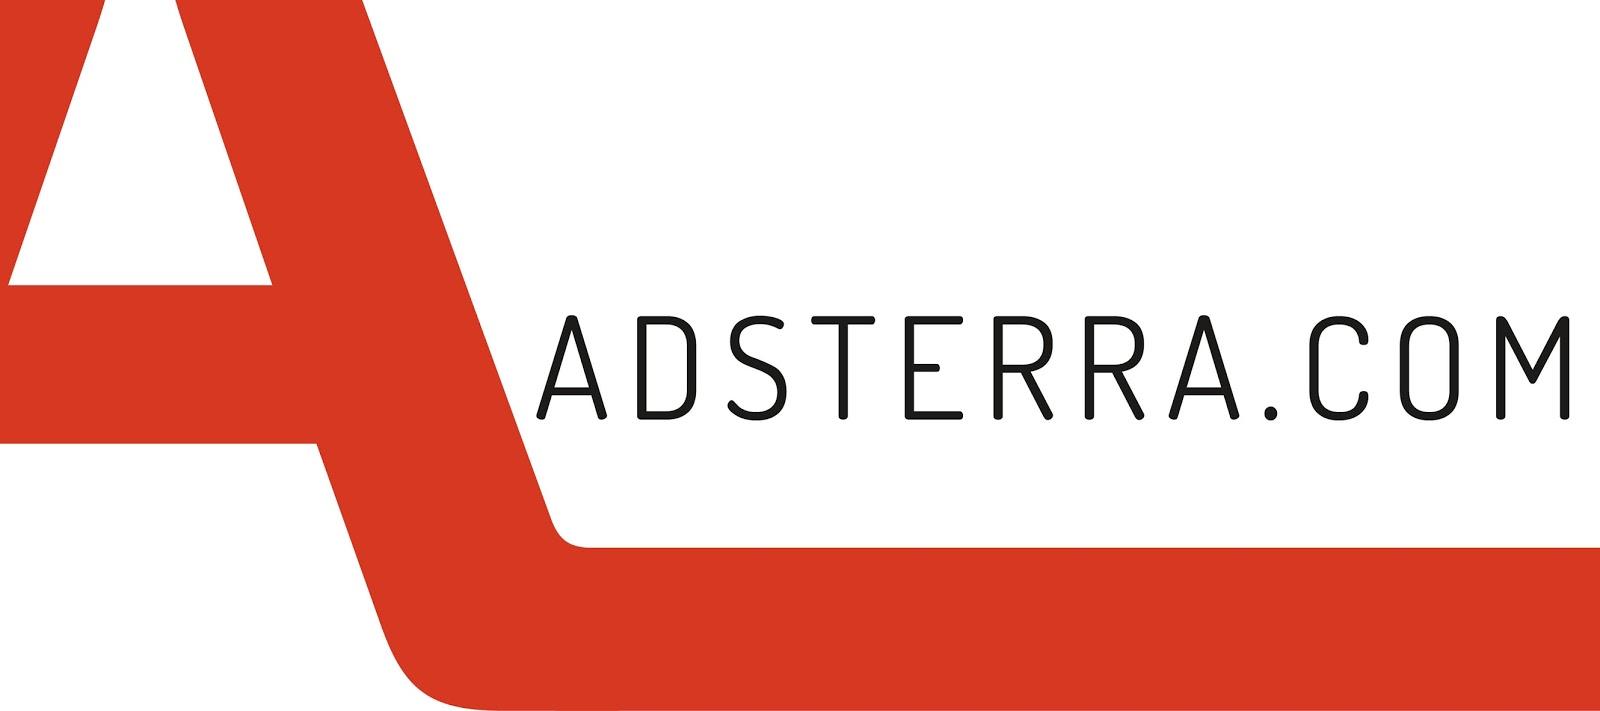 Web tutorials: Best Adsense Alternative